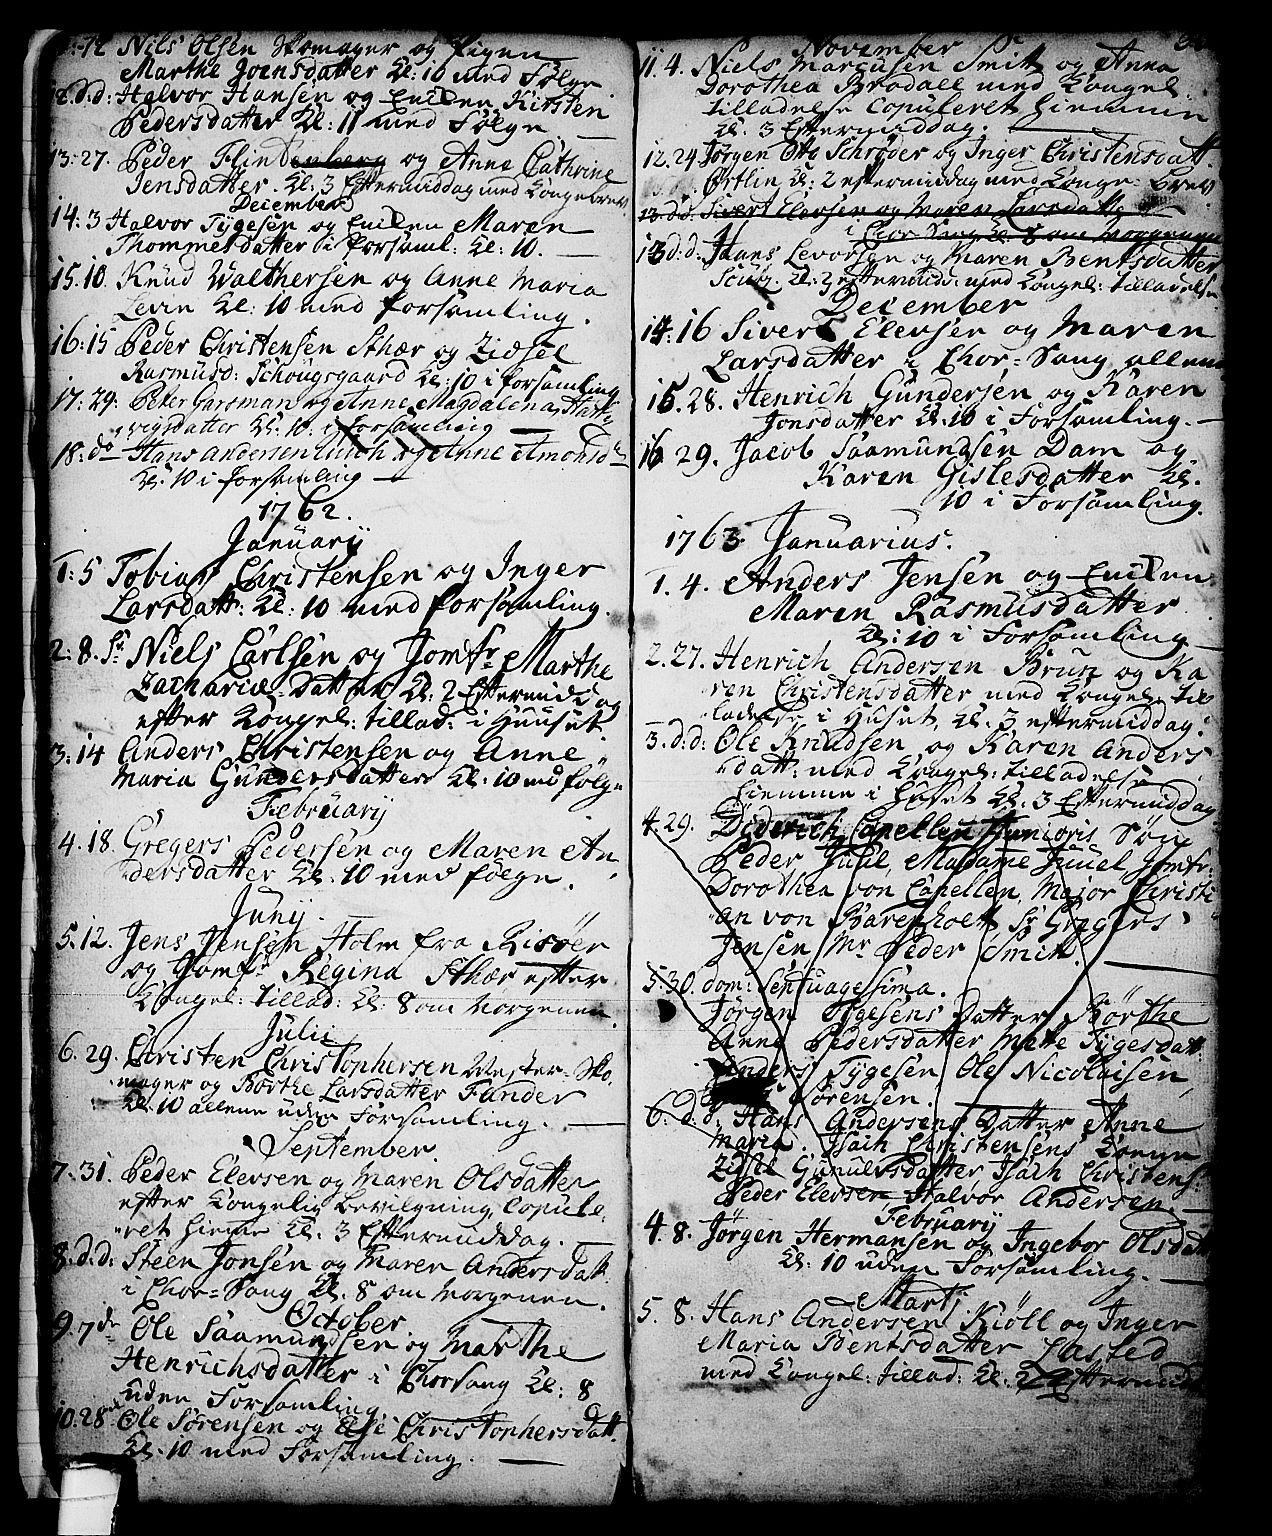 SAKO, Skien kirkebøker, G/Ga/L0001: Klokkerbok nr. 1, 1756-1791, s. 33